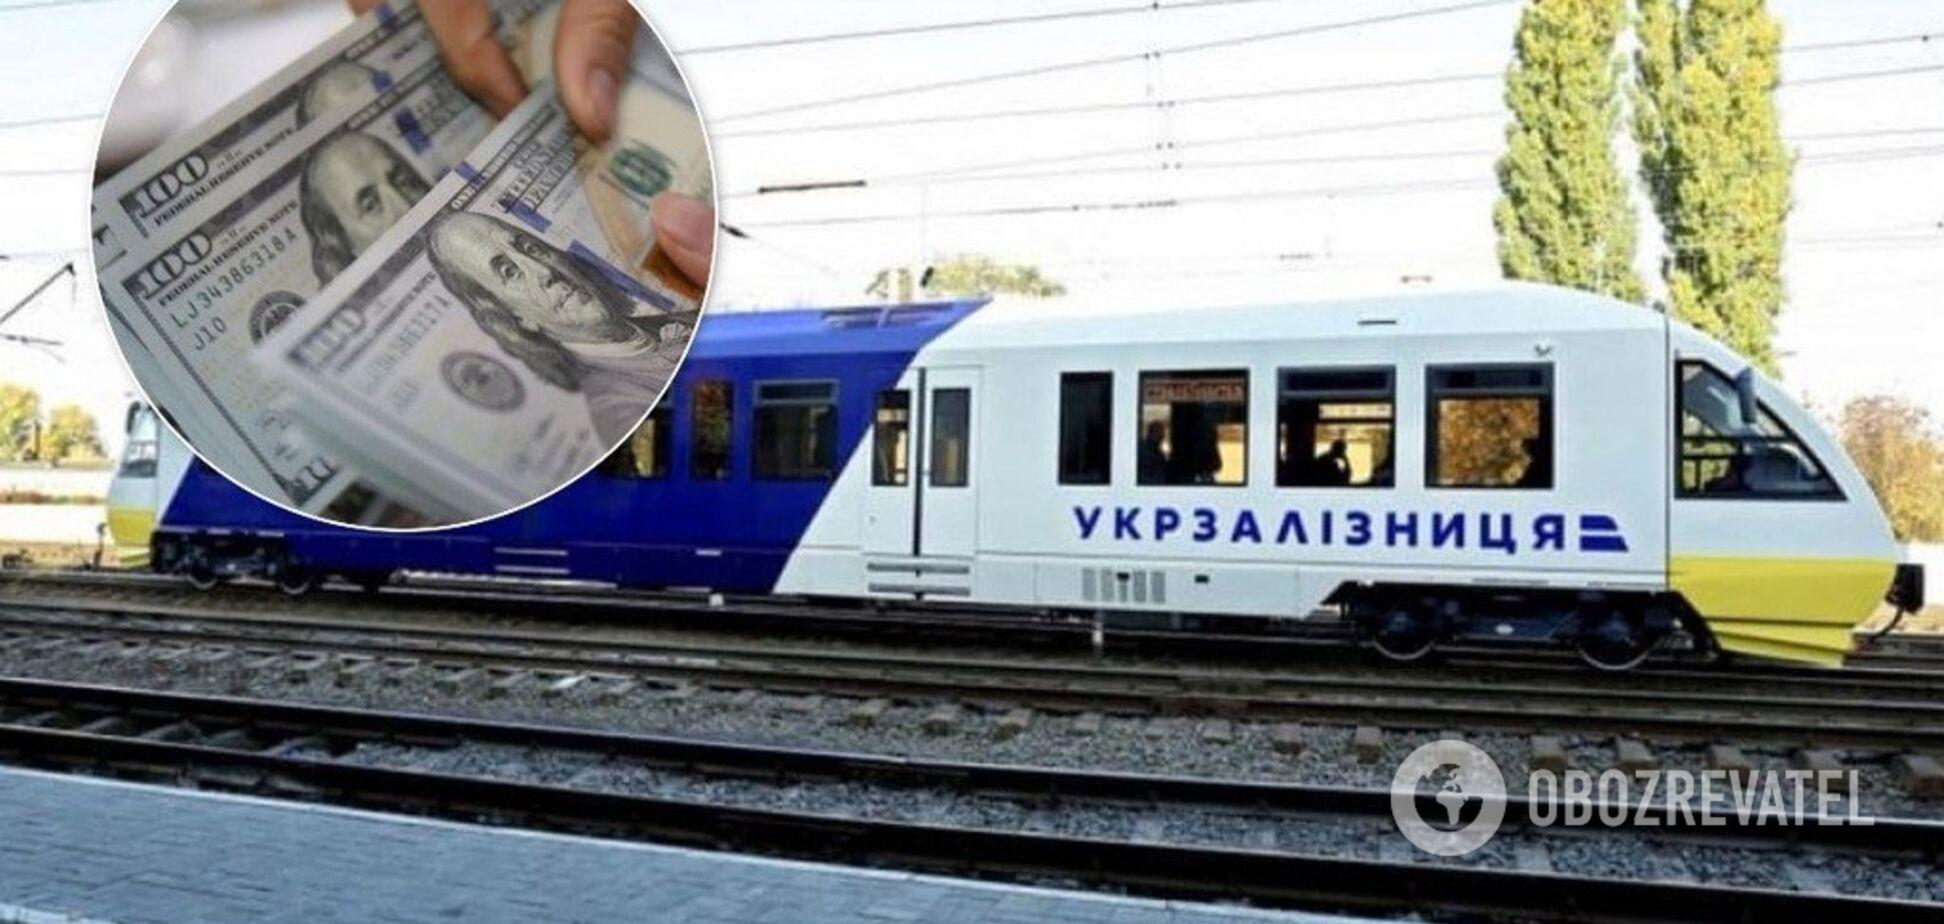 Получали по 700 тысяч: вскрылись размеры резонансных зарплат в 'Укрзалізниці'